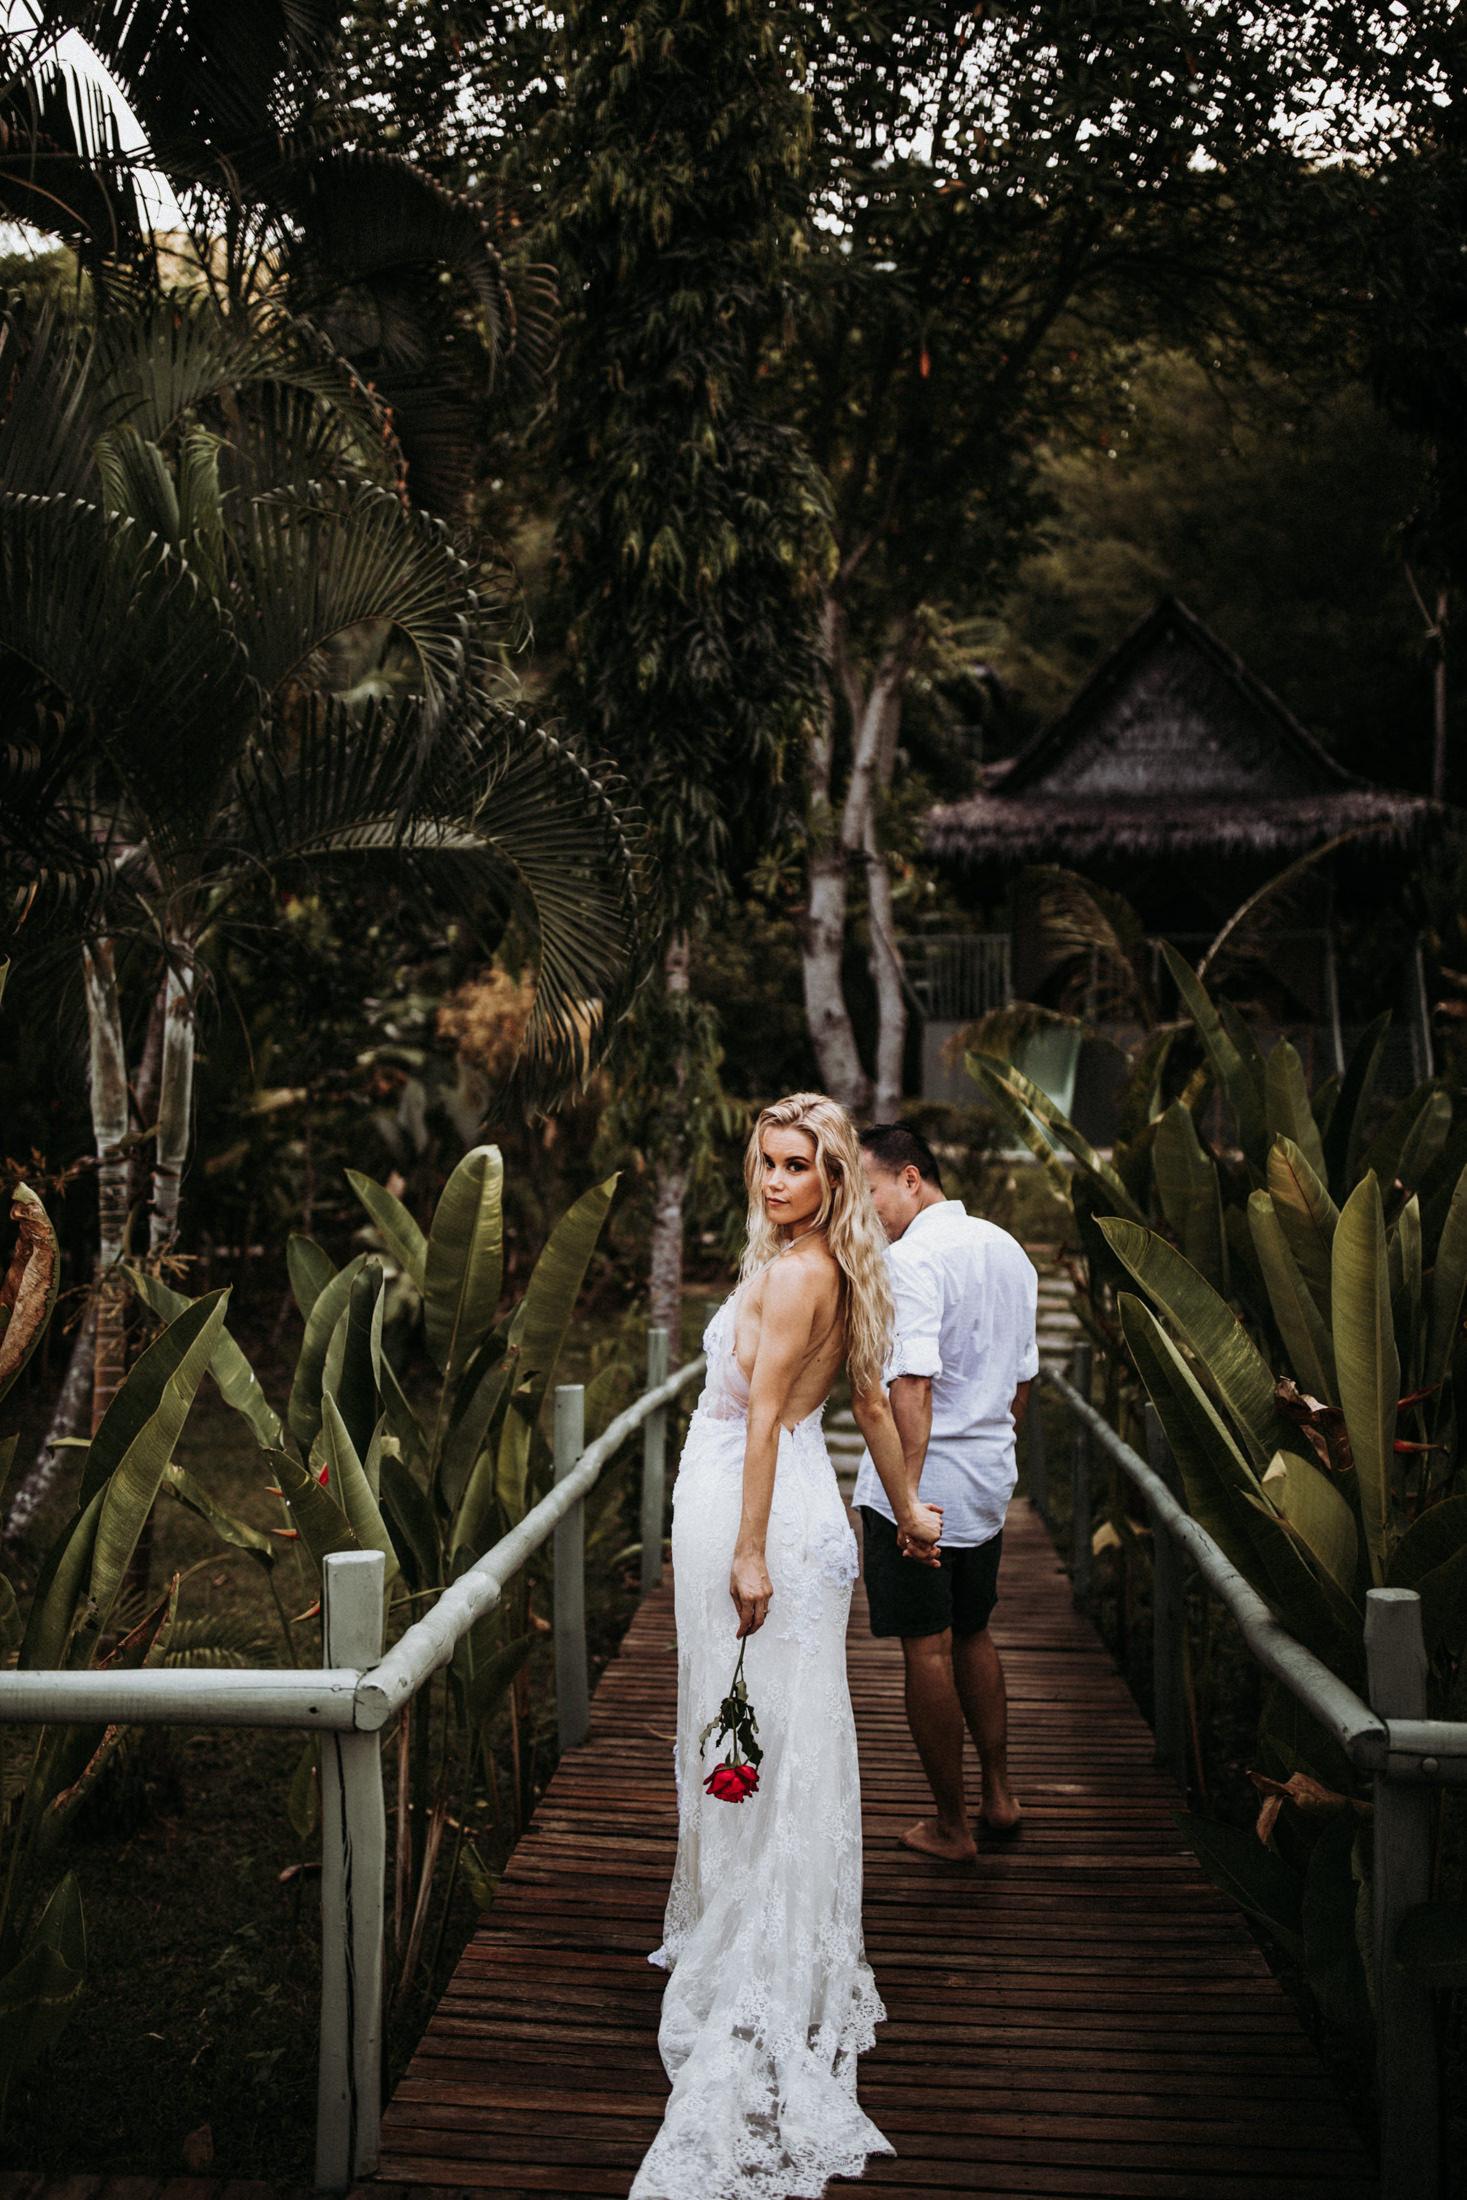 DanielaMarquardt_Wedding_Thailand_486